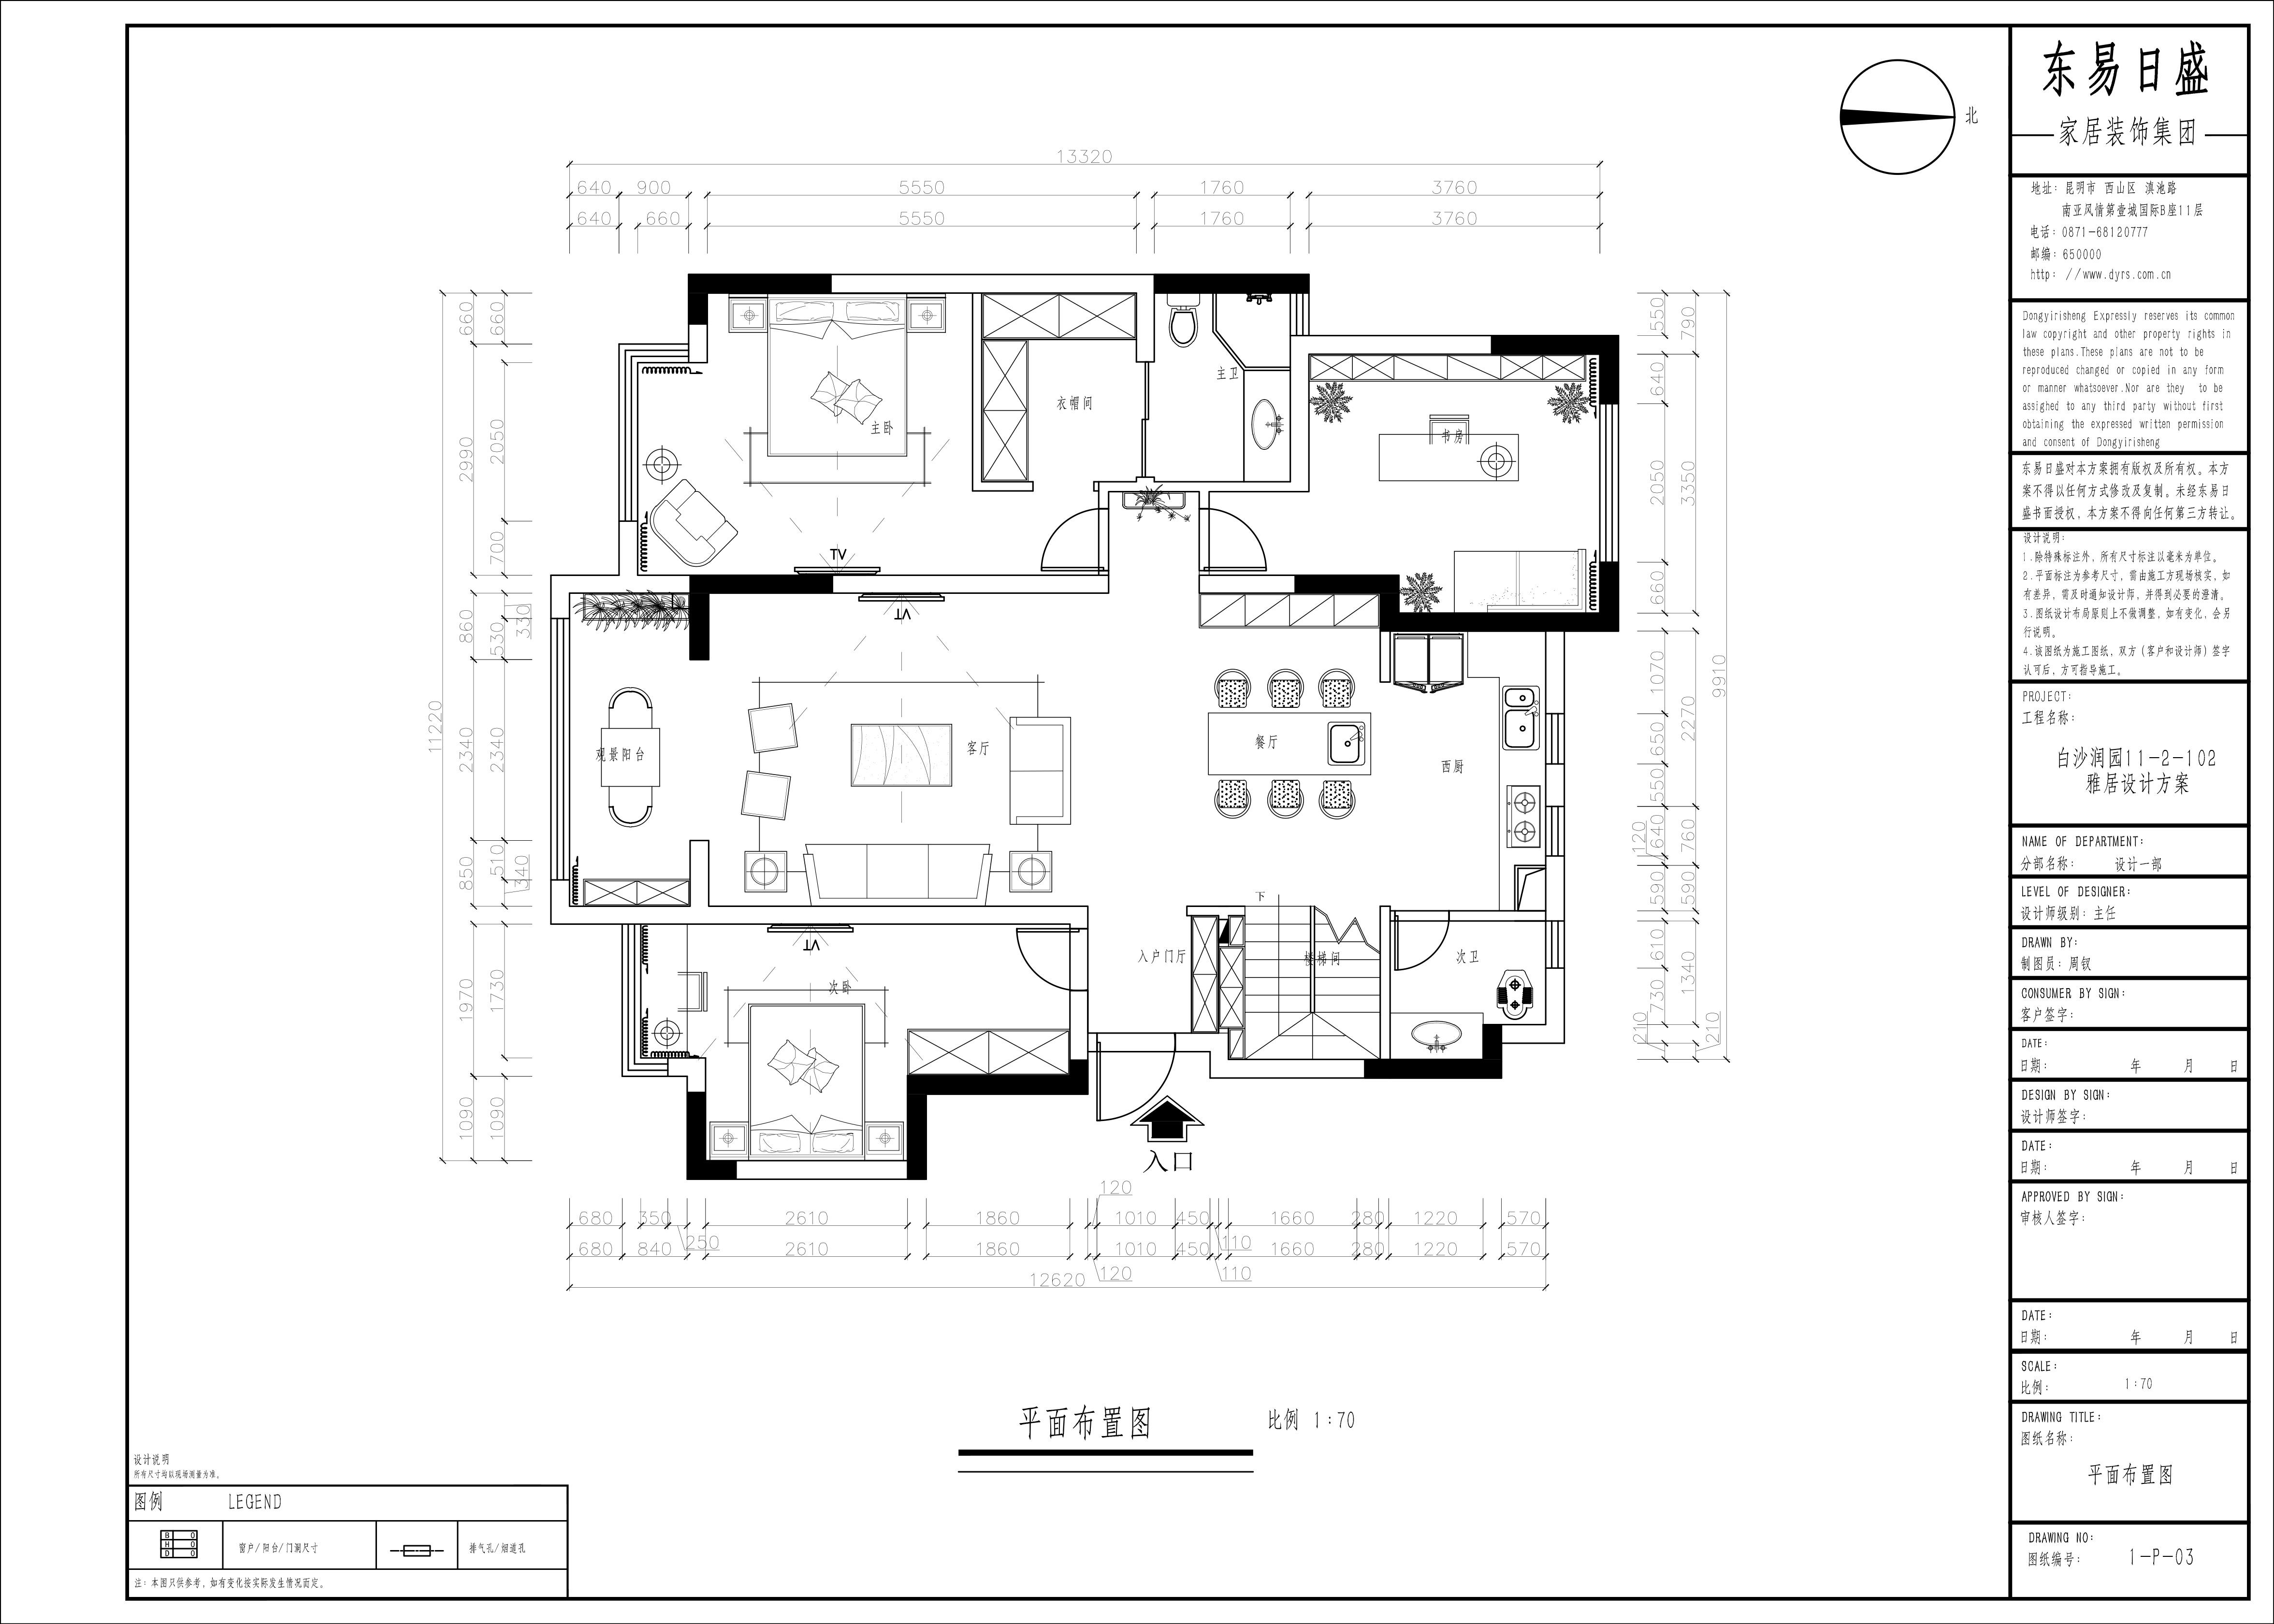 白沙润园装修设计理念